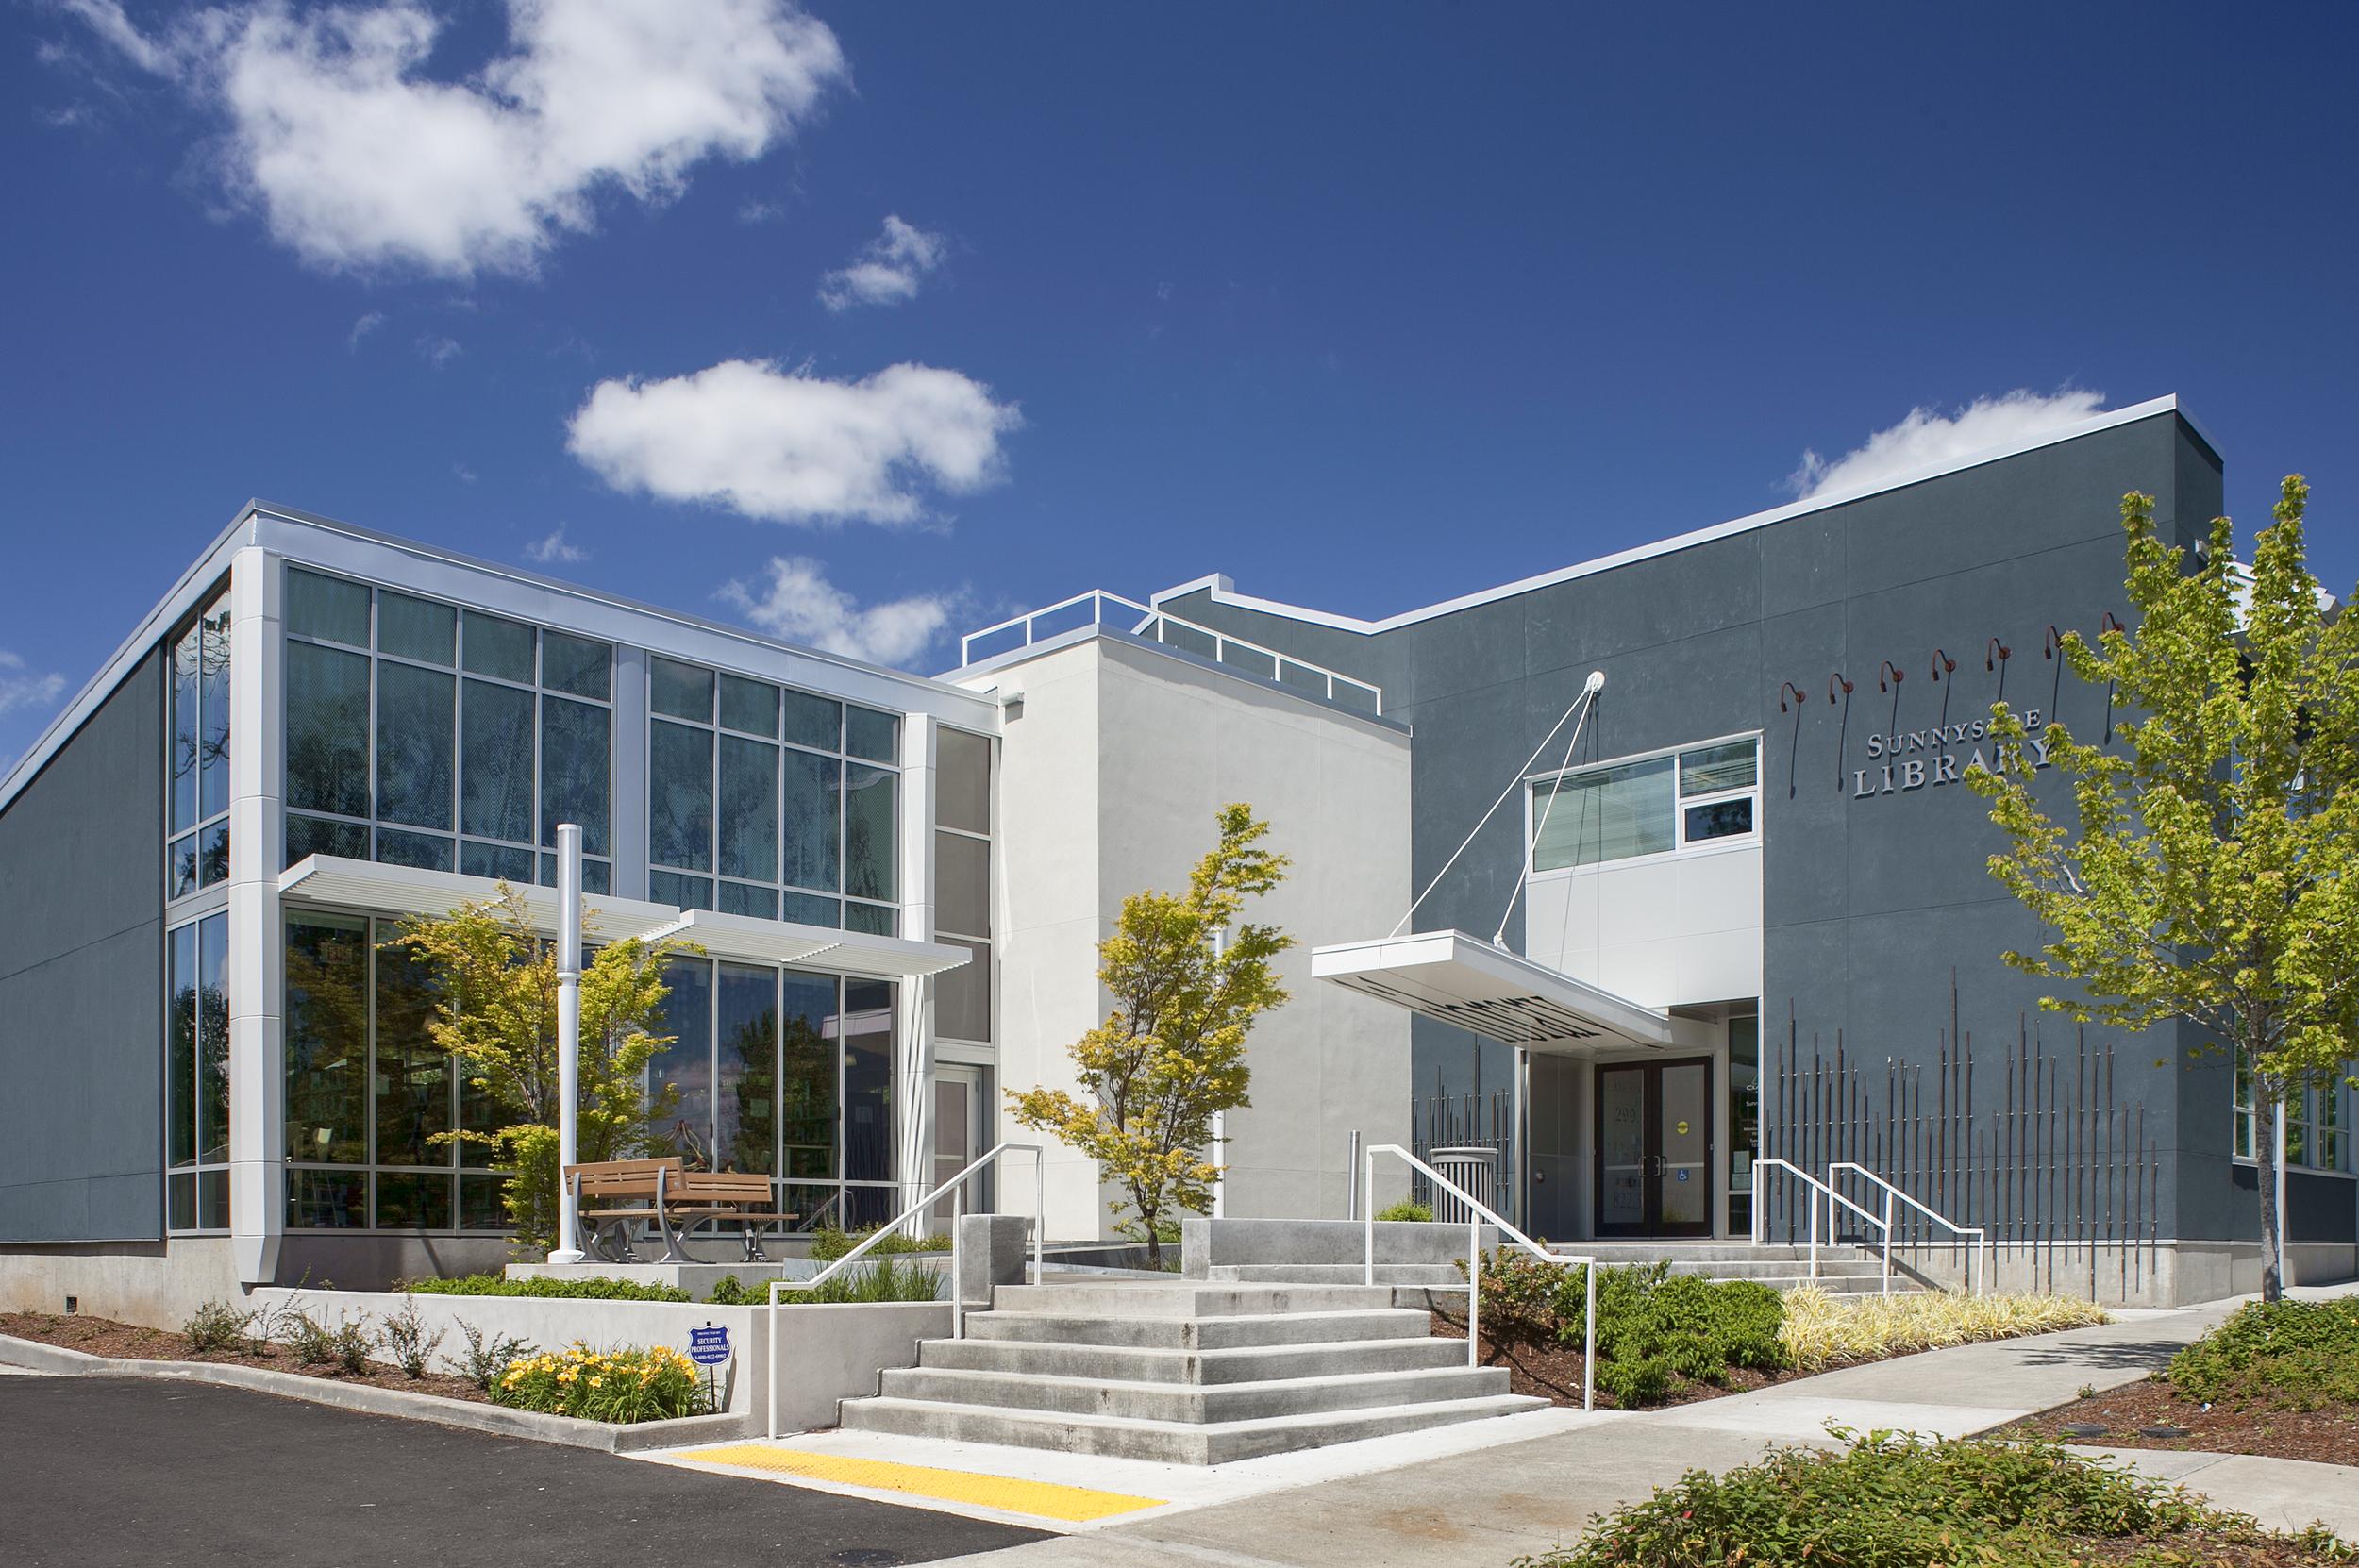 Sunnyside Library  Scott Edwards Architecture